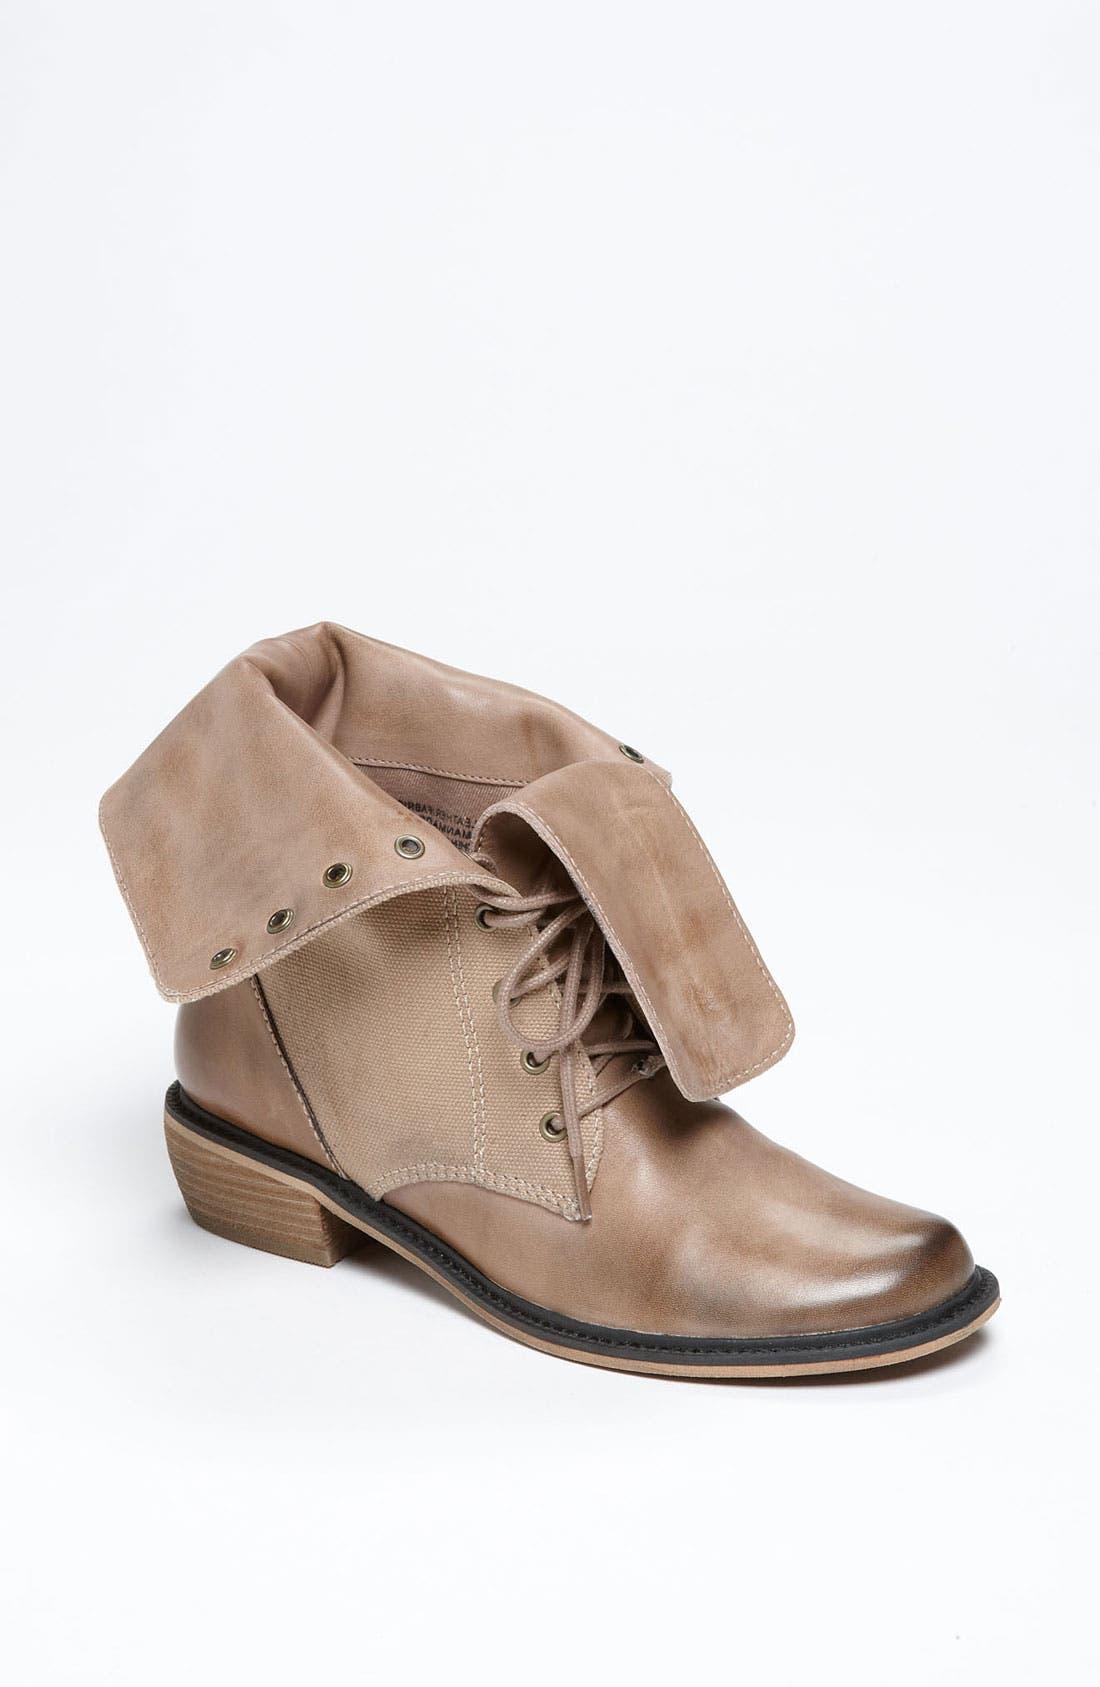 Alternate Image 1 Selected - BP. 'Jane' Boot